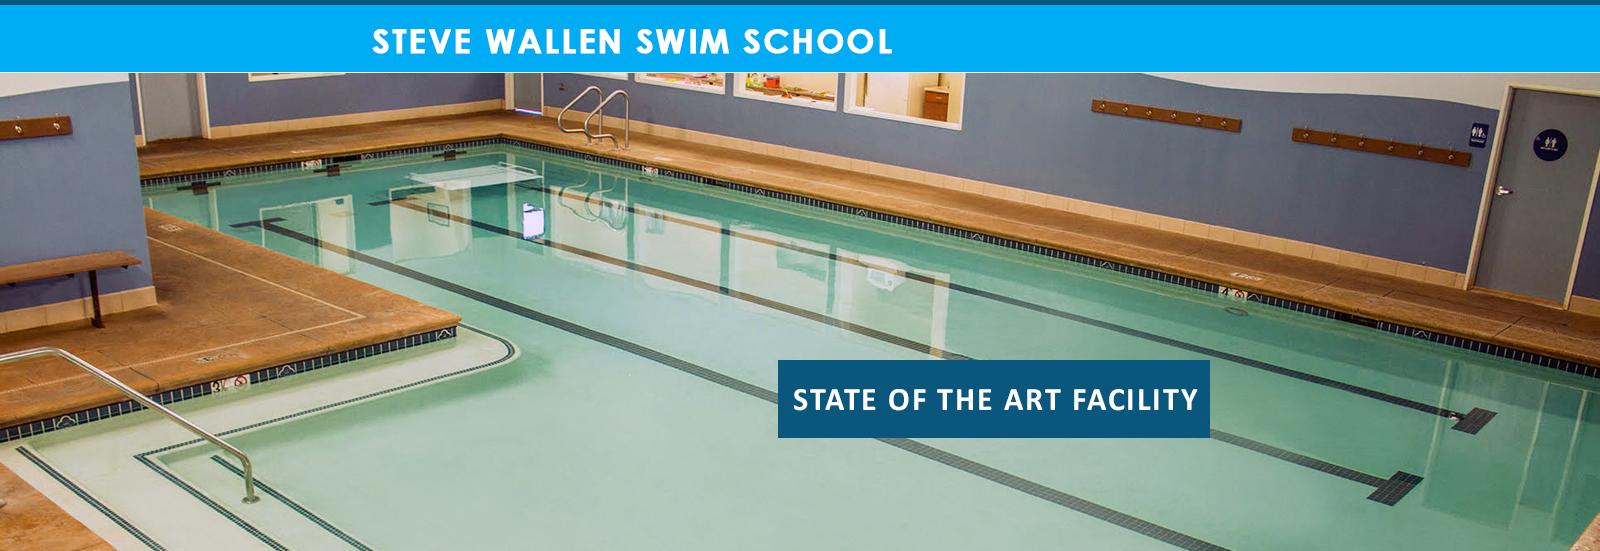 Wallen_Swim_Slide_02